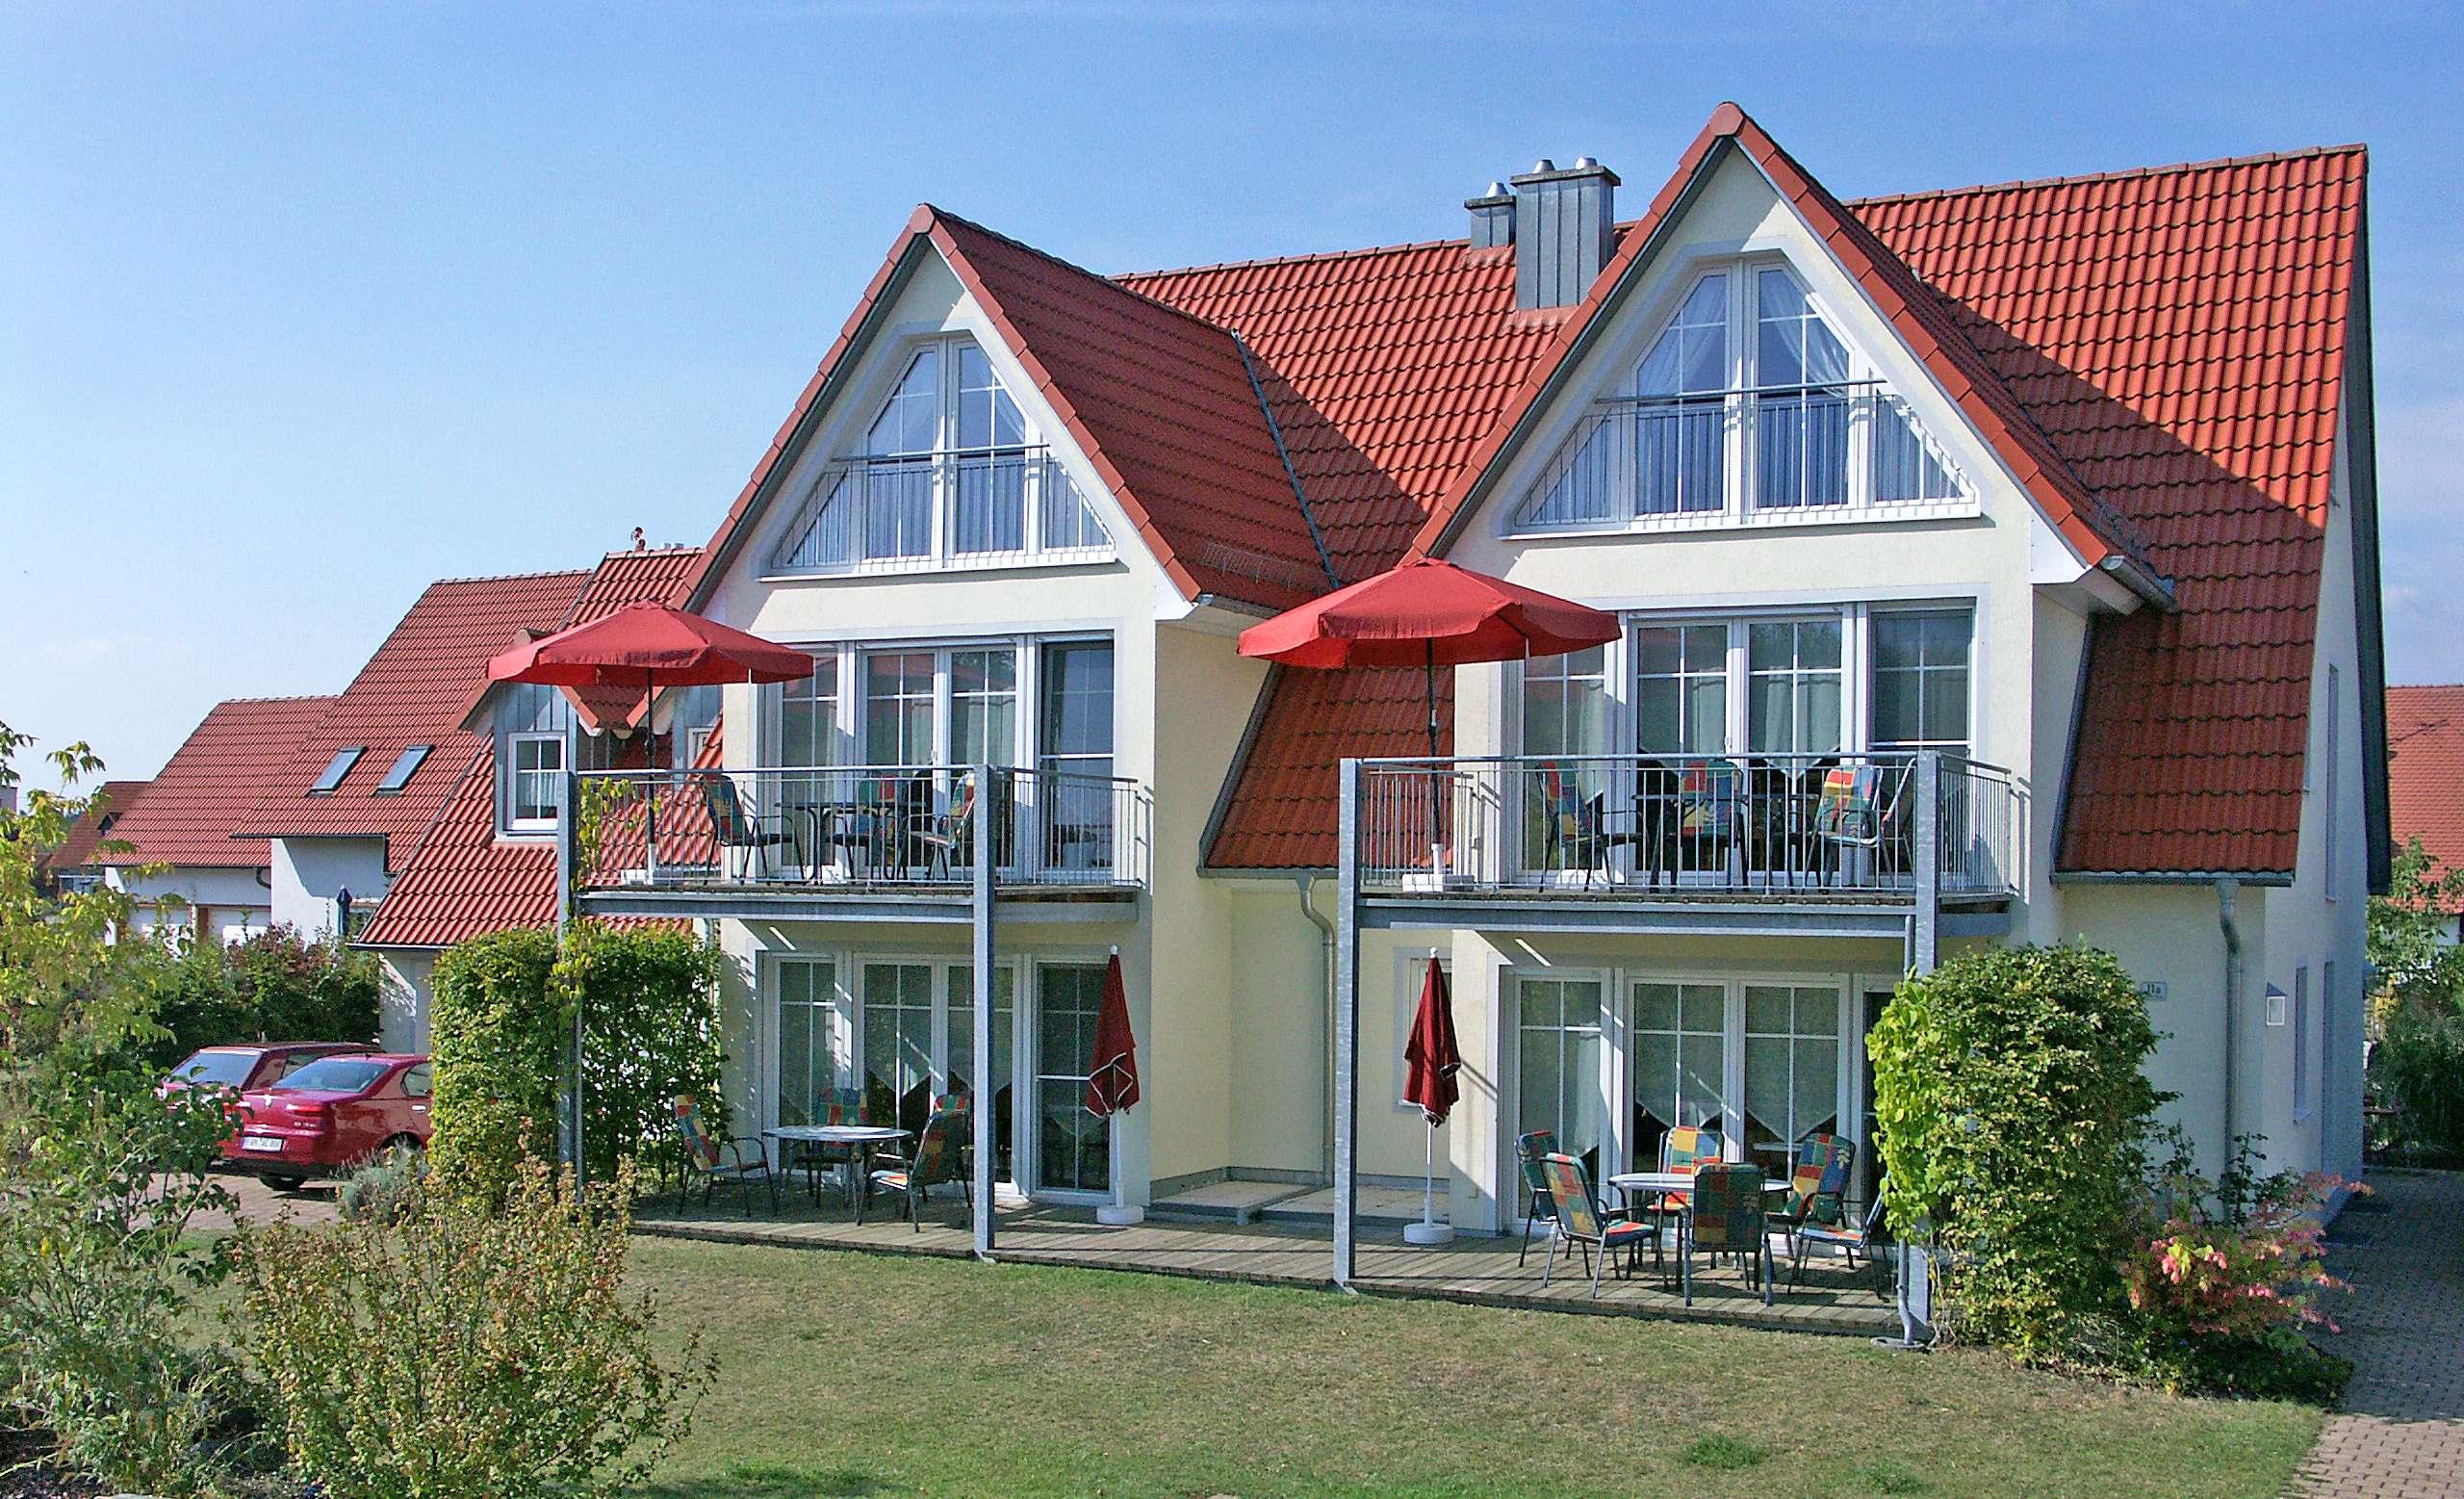 Gepflegte 3-Zimmer-Wohnung mit Balkon und EBK in Pfofeld - Ortsteil Langlau in Pfofeld